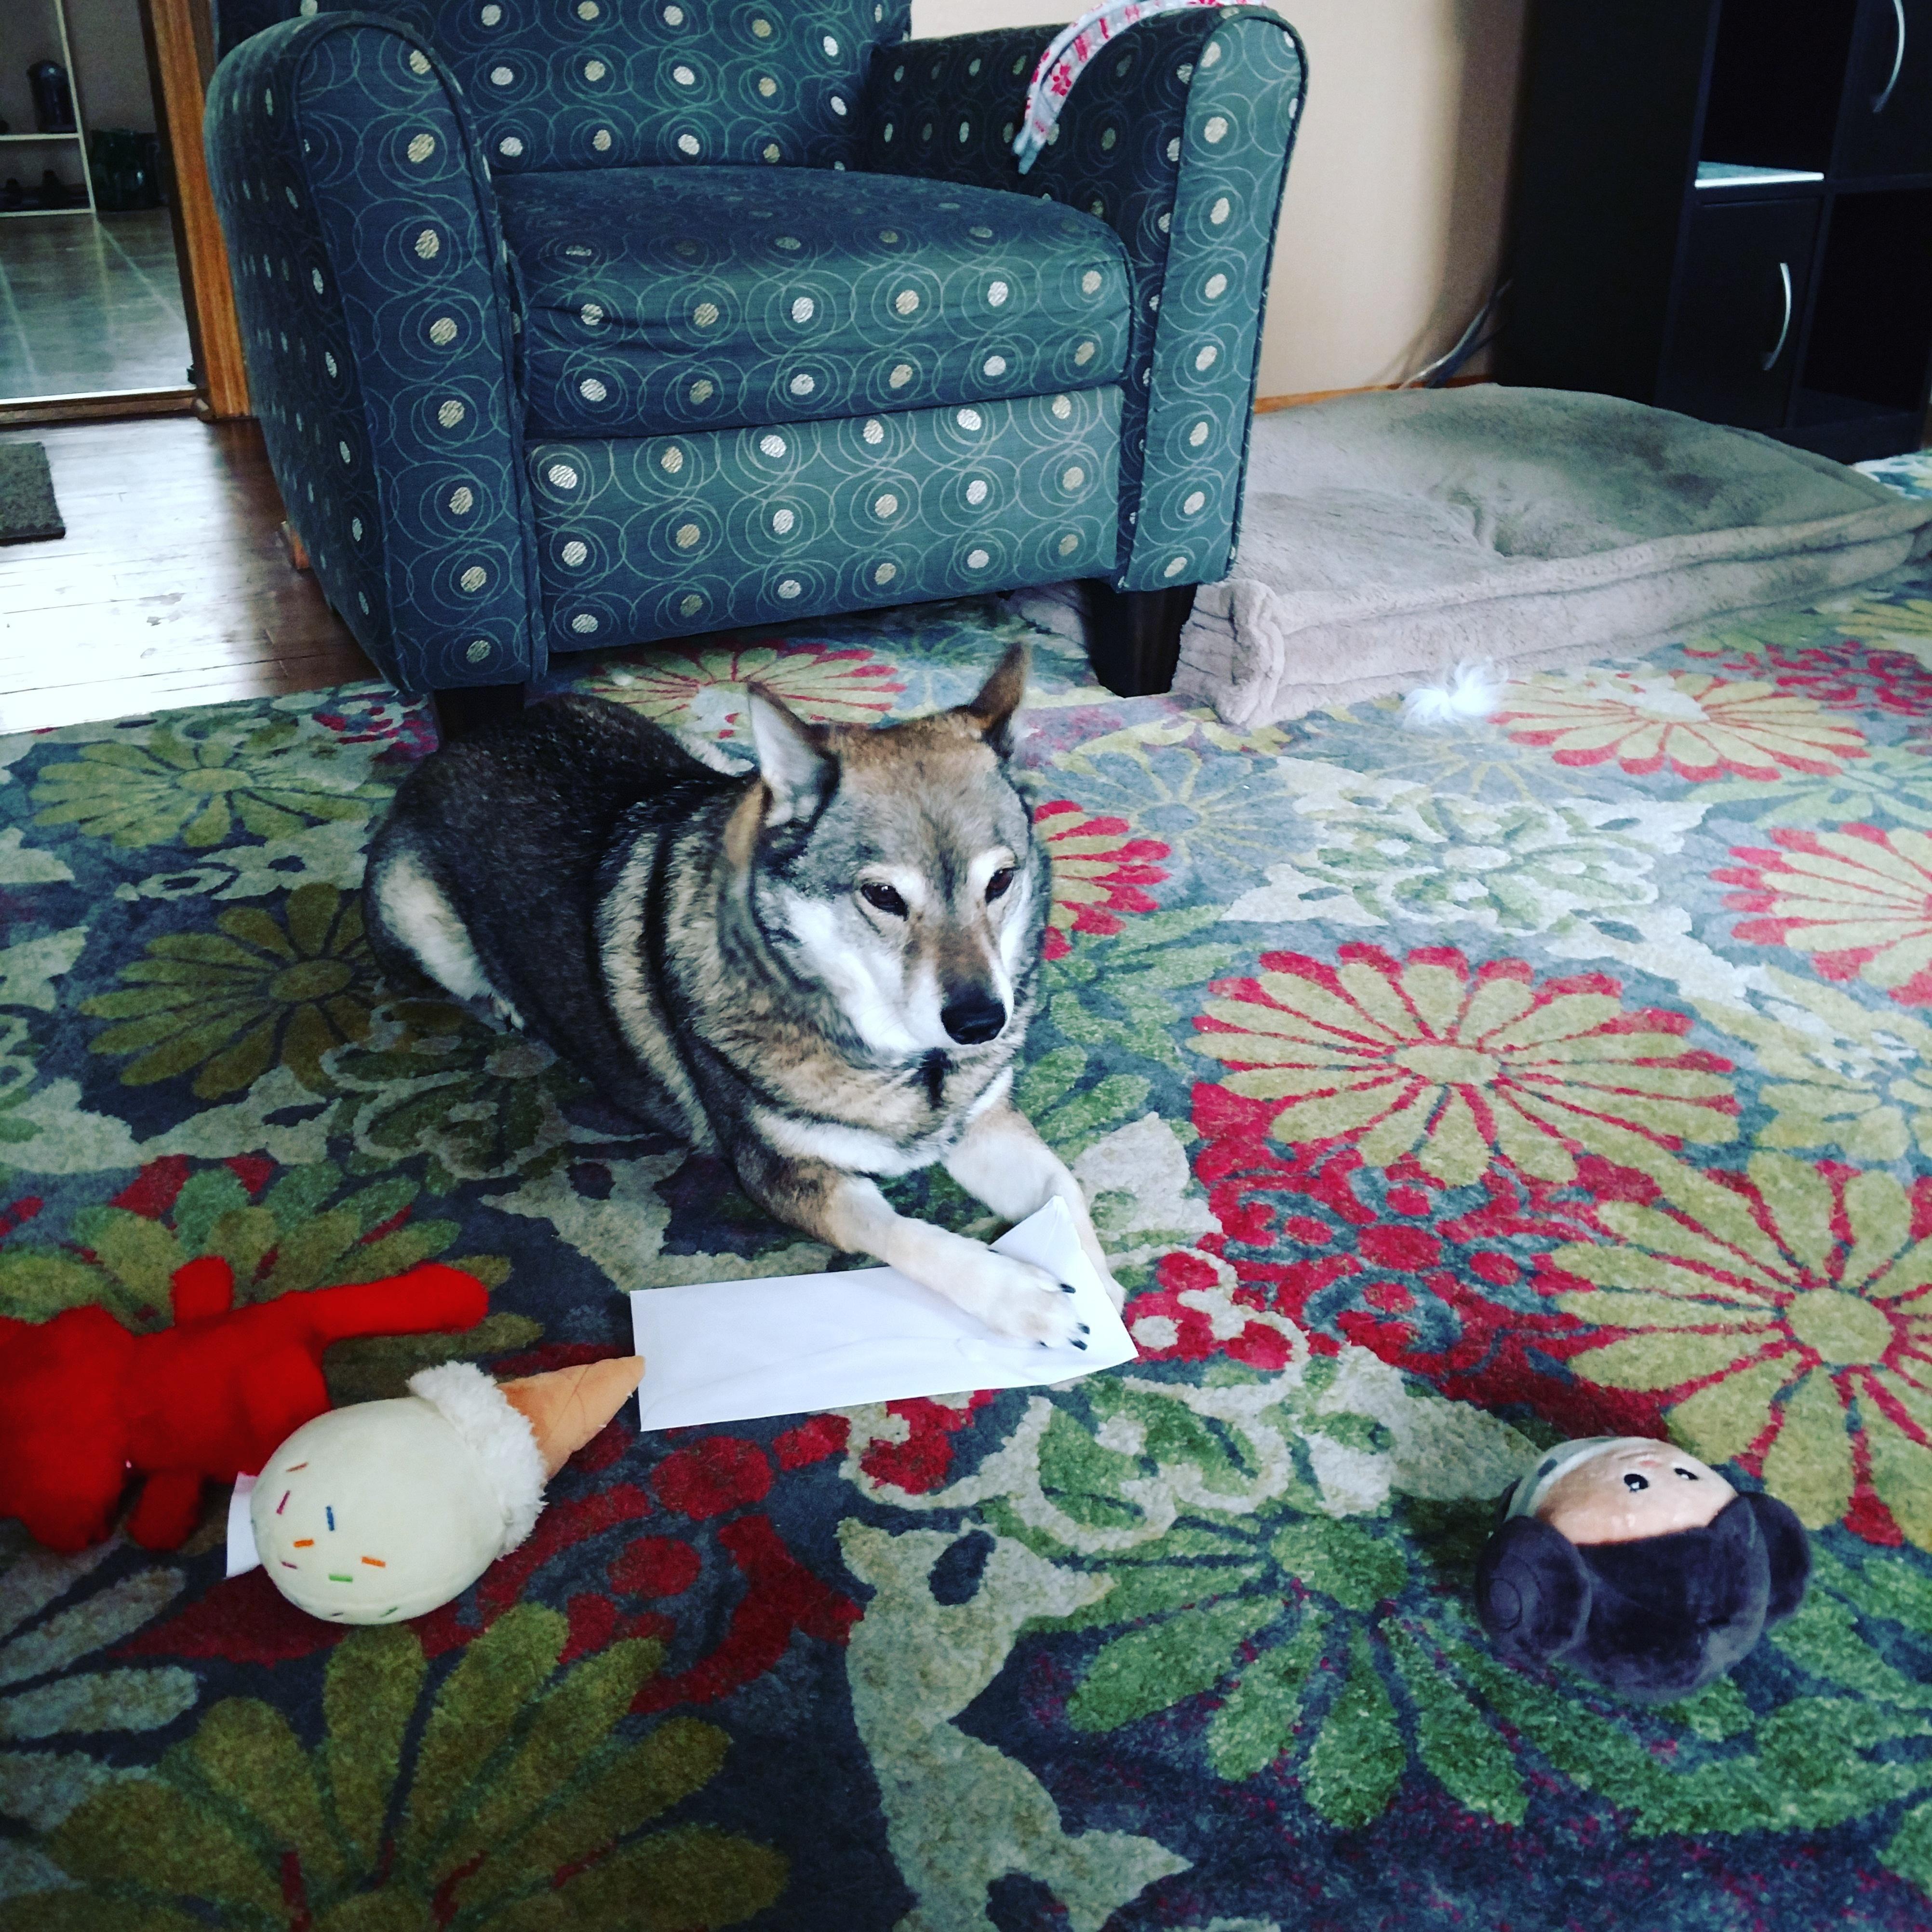 My dog got her insurance reimbursement letterhttpsi